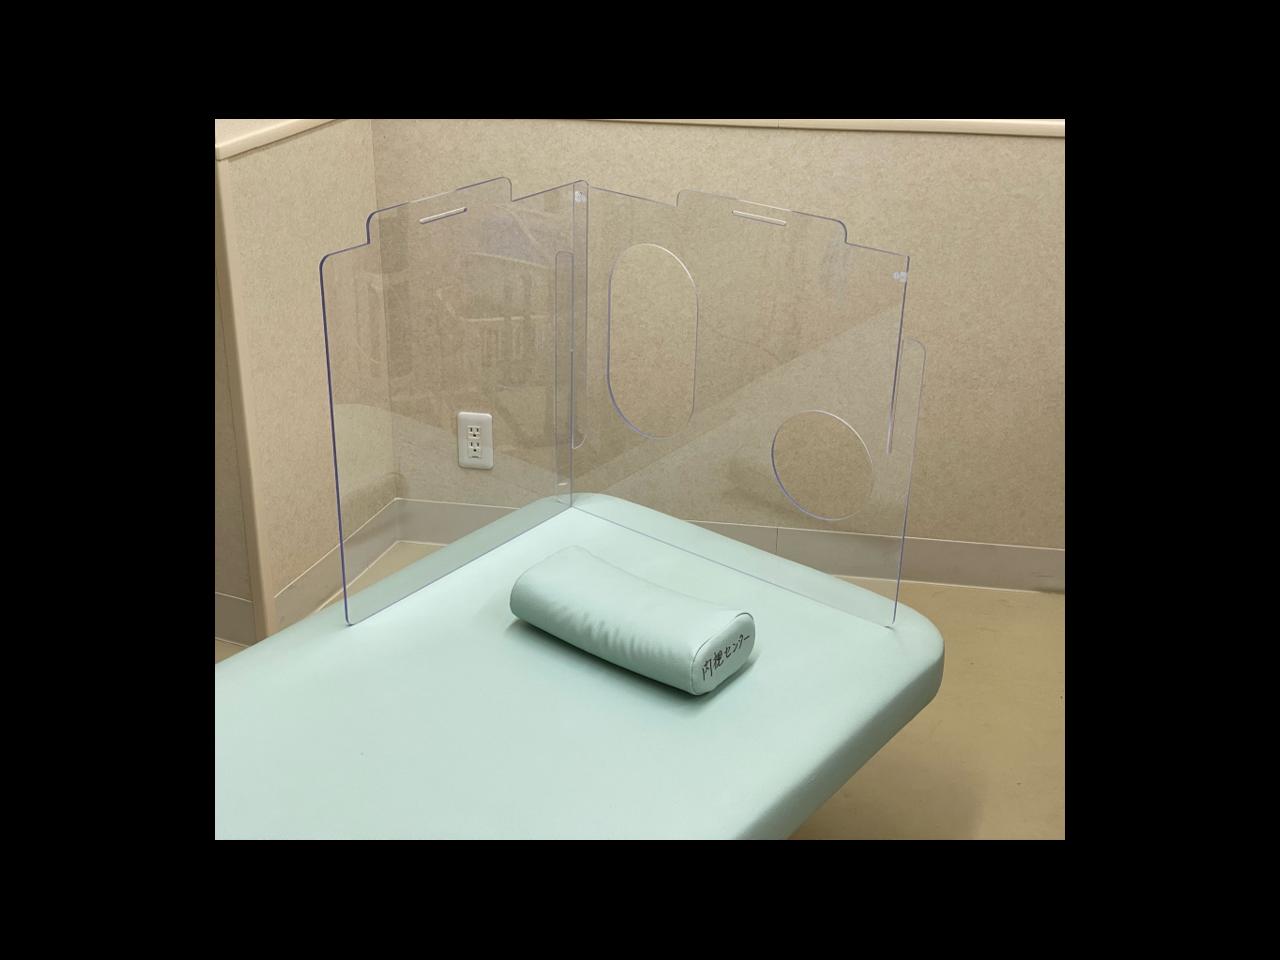 内視鏡用エアロゾルボックス